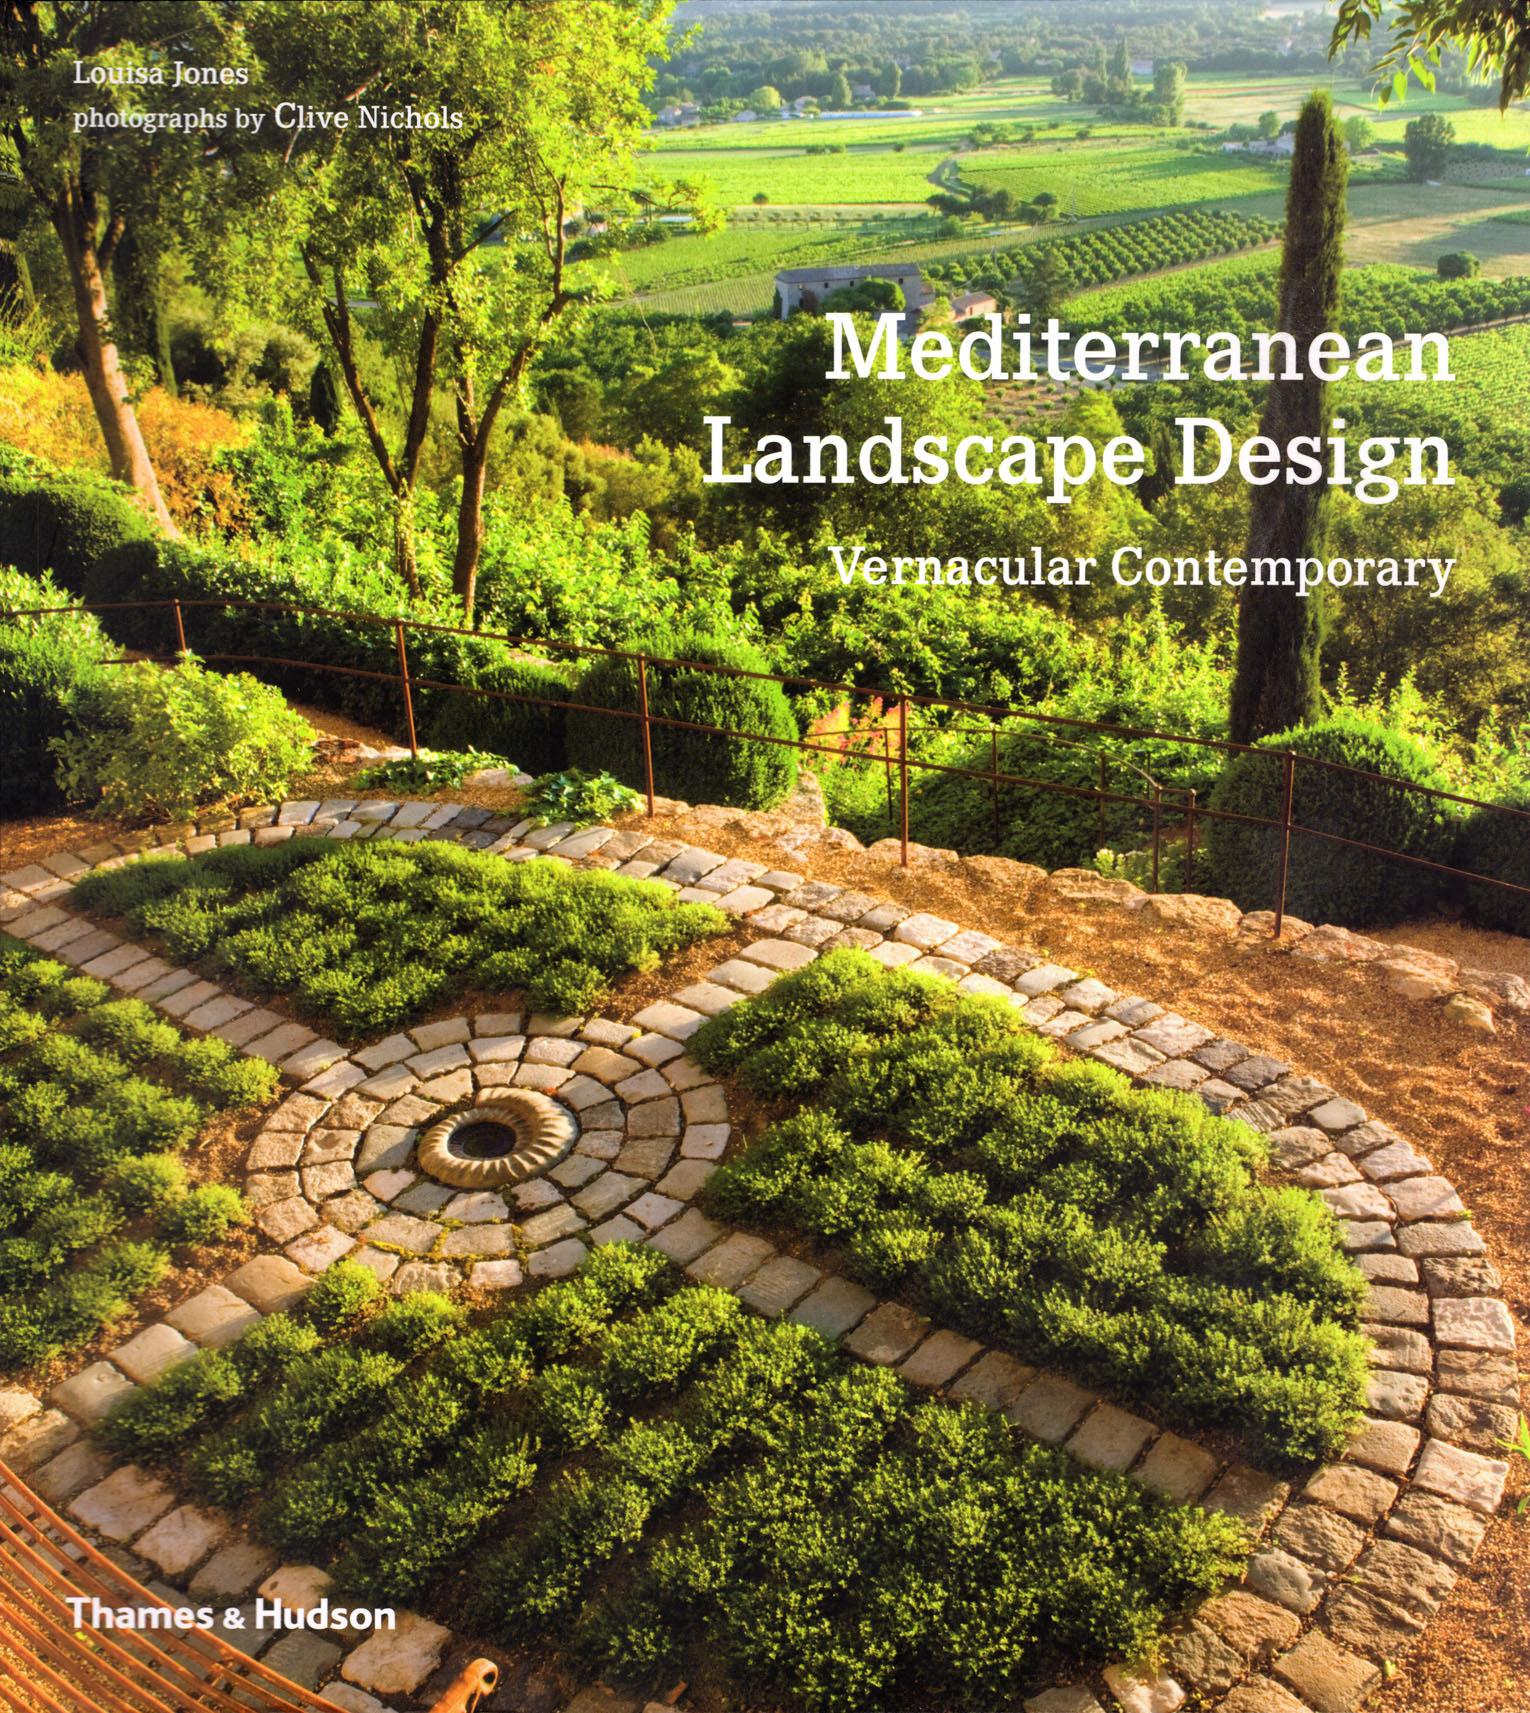 Mediterranean Style Landscaping: Caruncho Garden & Architecture